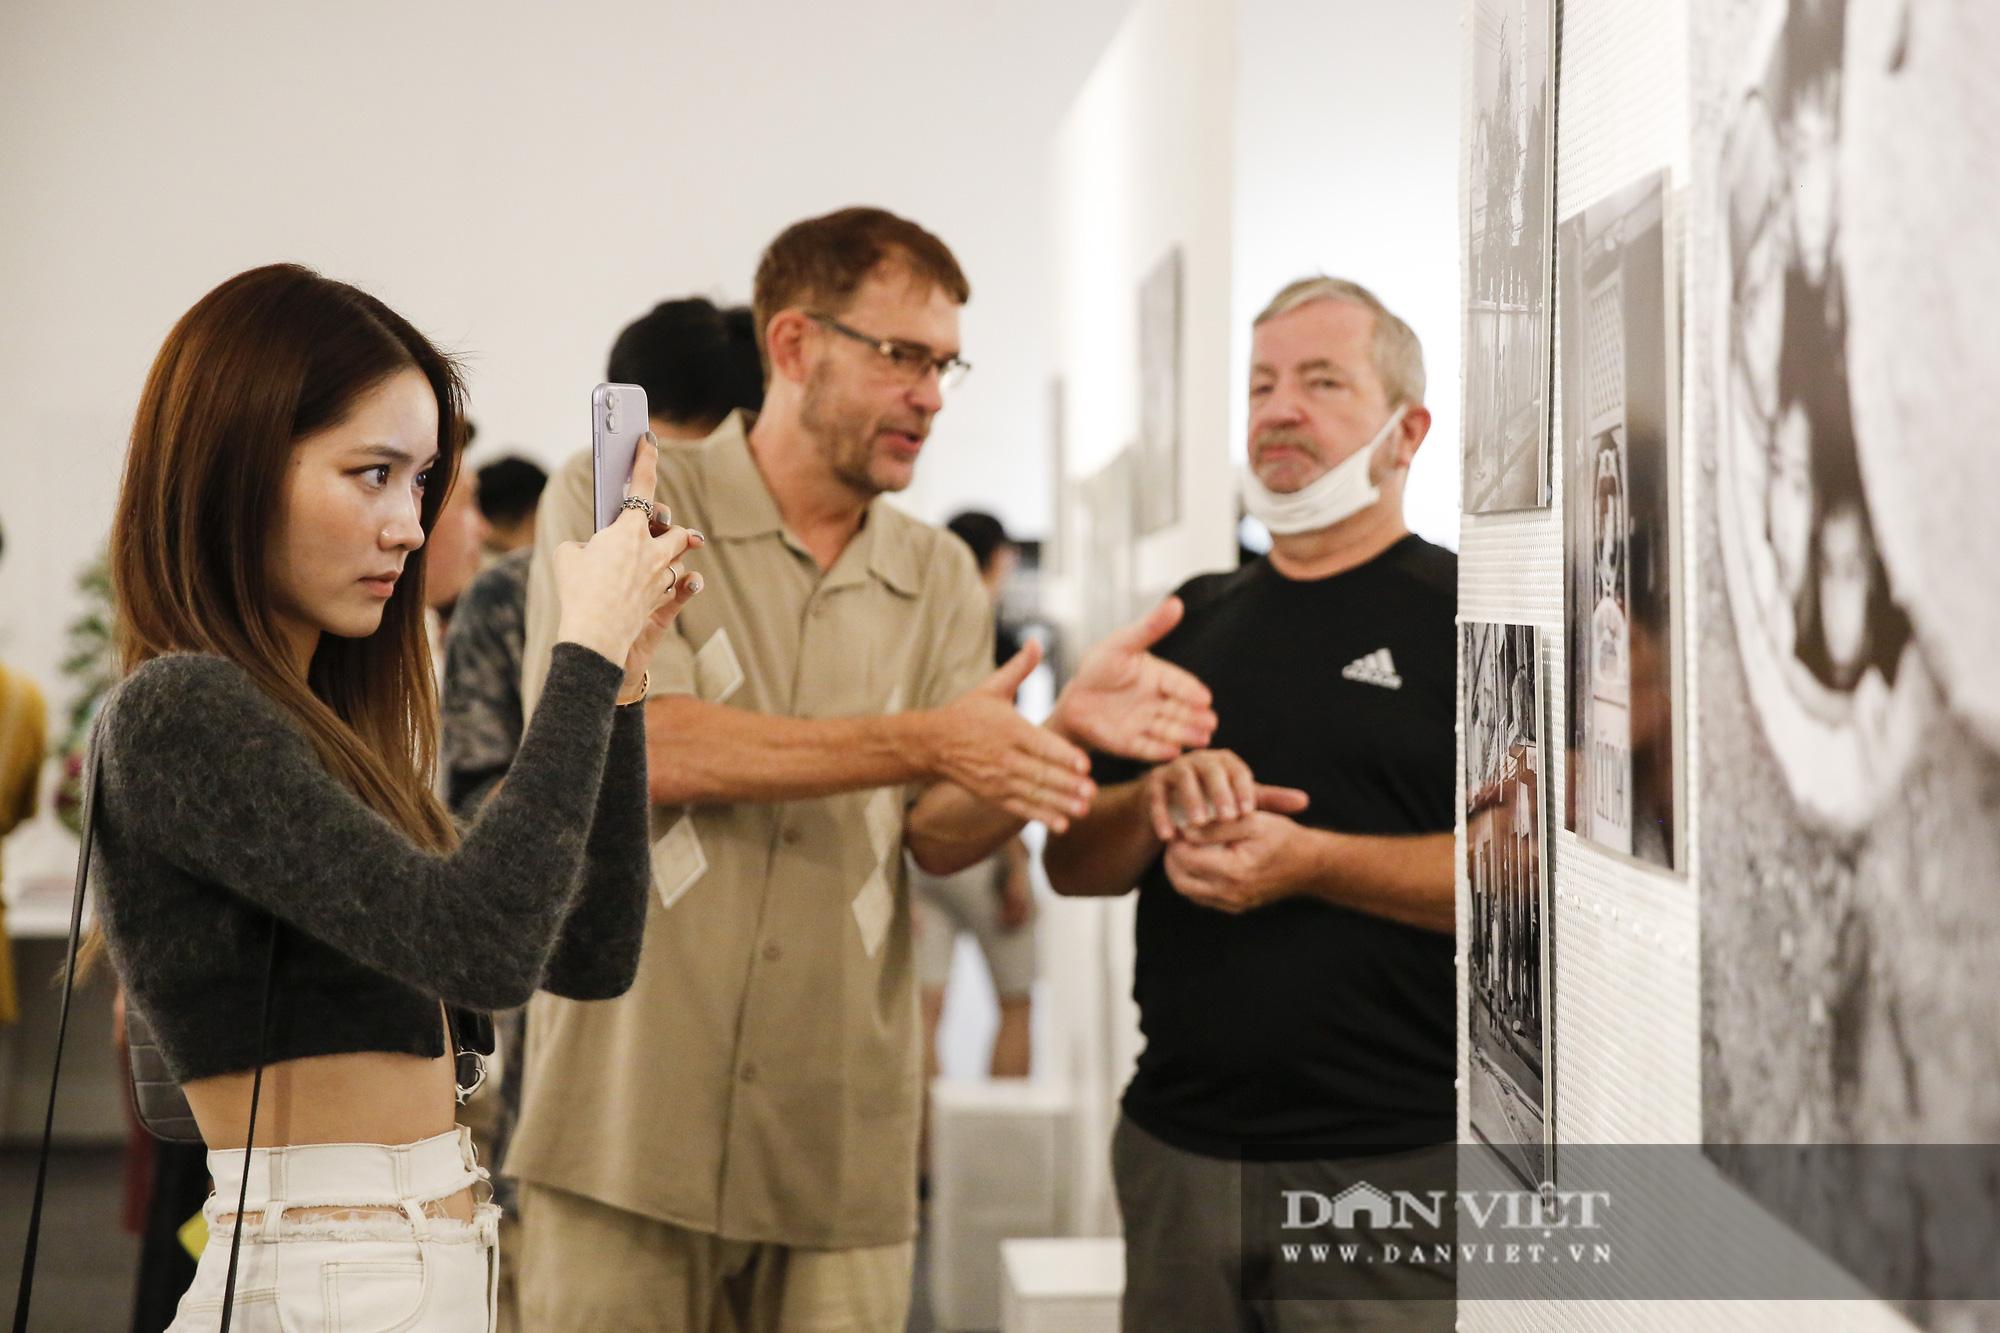 Đại sứ Đức tại Việt Nam tham dự triển lãm ảnh đặc biệt về Hà Nội - Ảnh 5.